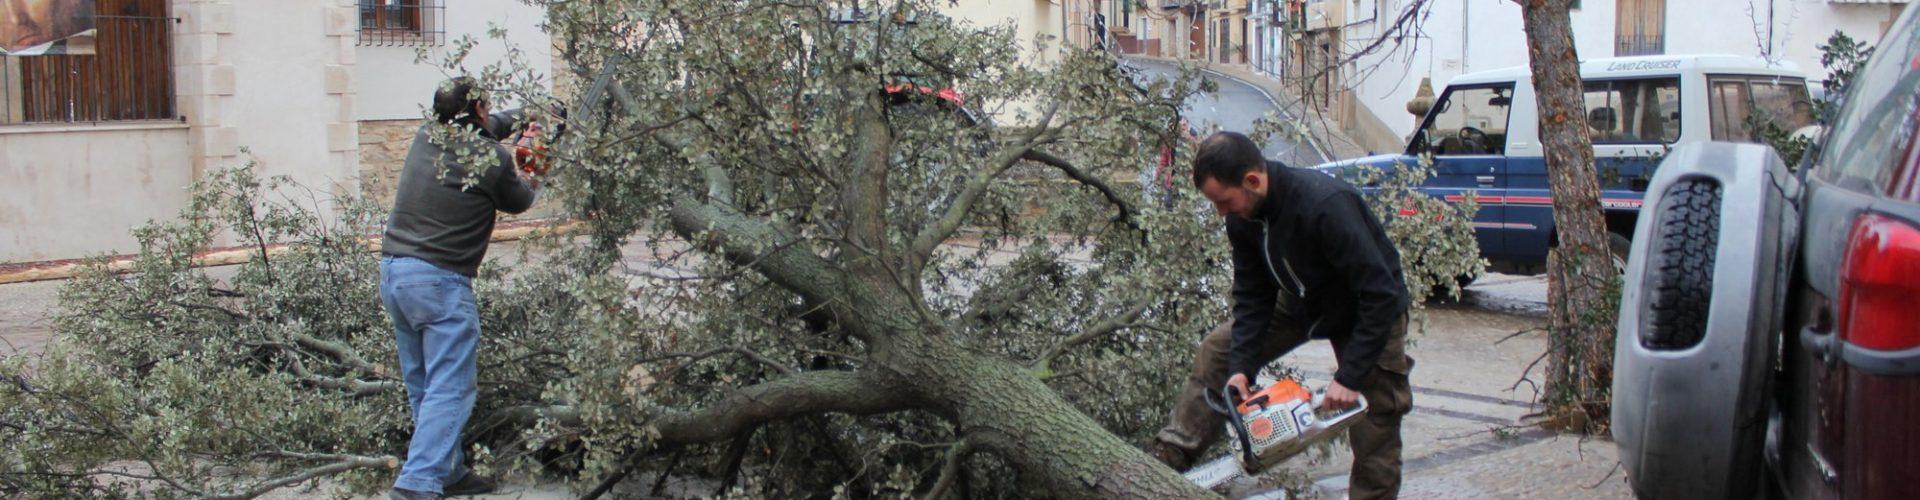 Castellfort inicia els preparatius de Sant Antoni